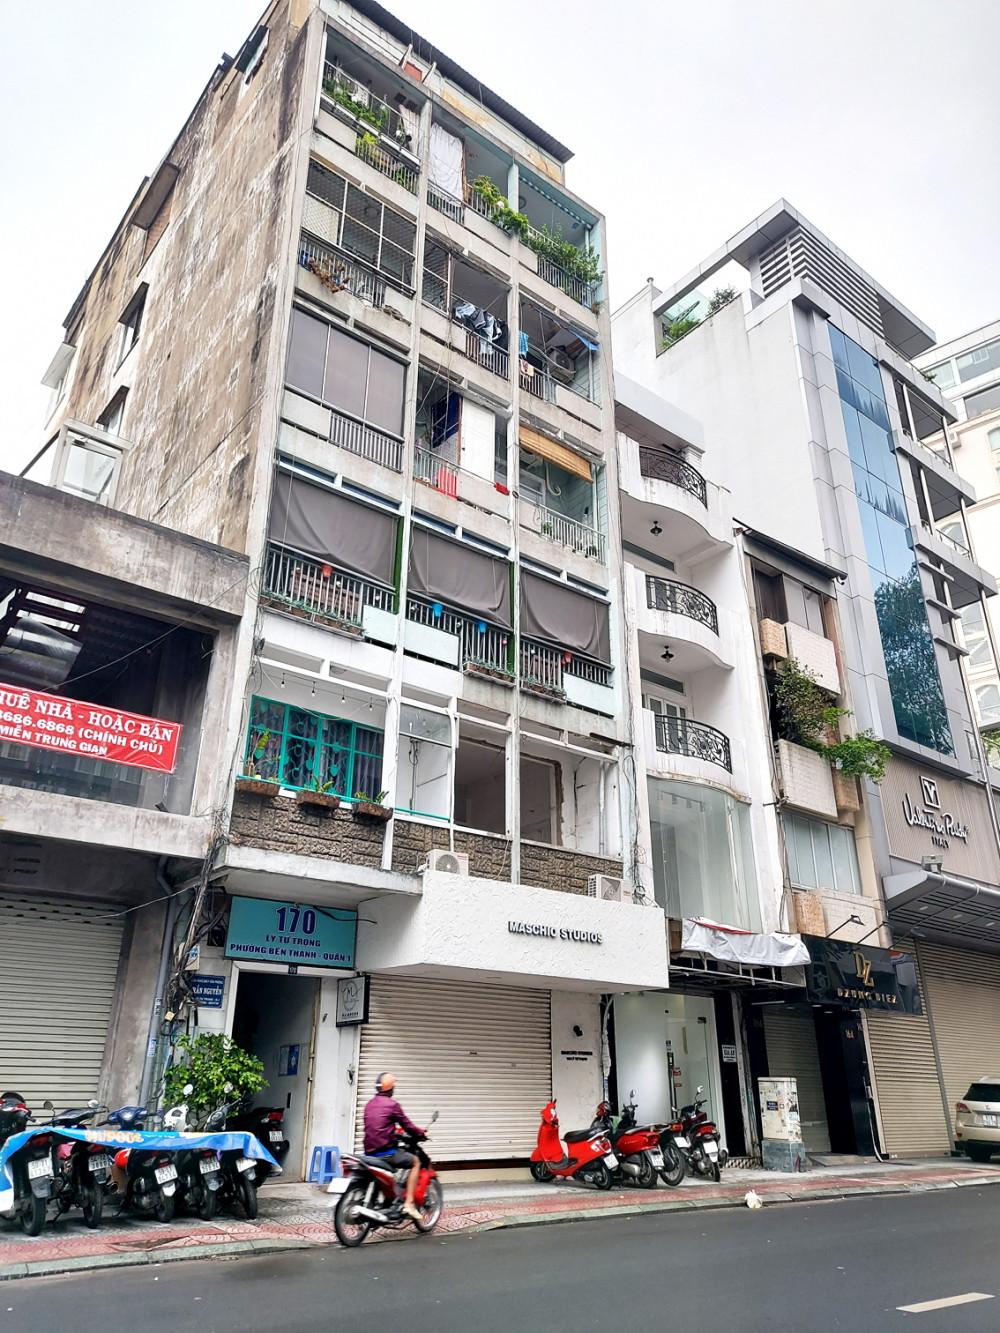 Chung cư 170 Lý Tự Trọng bị lấn chiếm tầng 7 (sân thượng chung) để làm nhà riêng